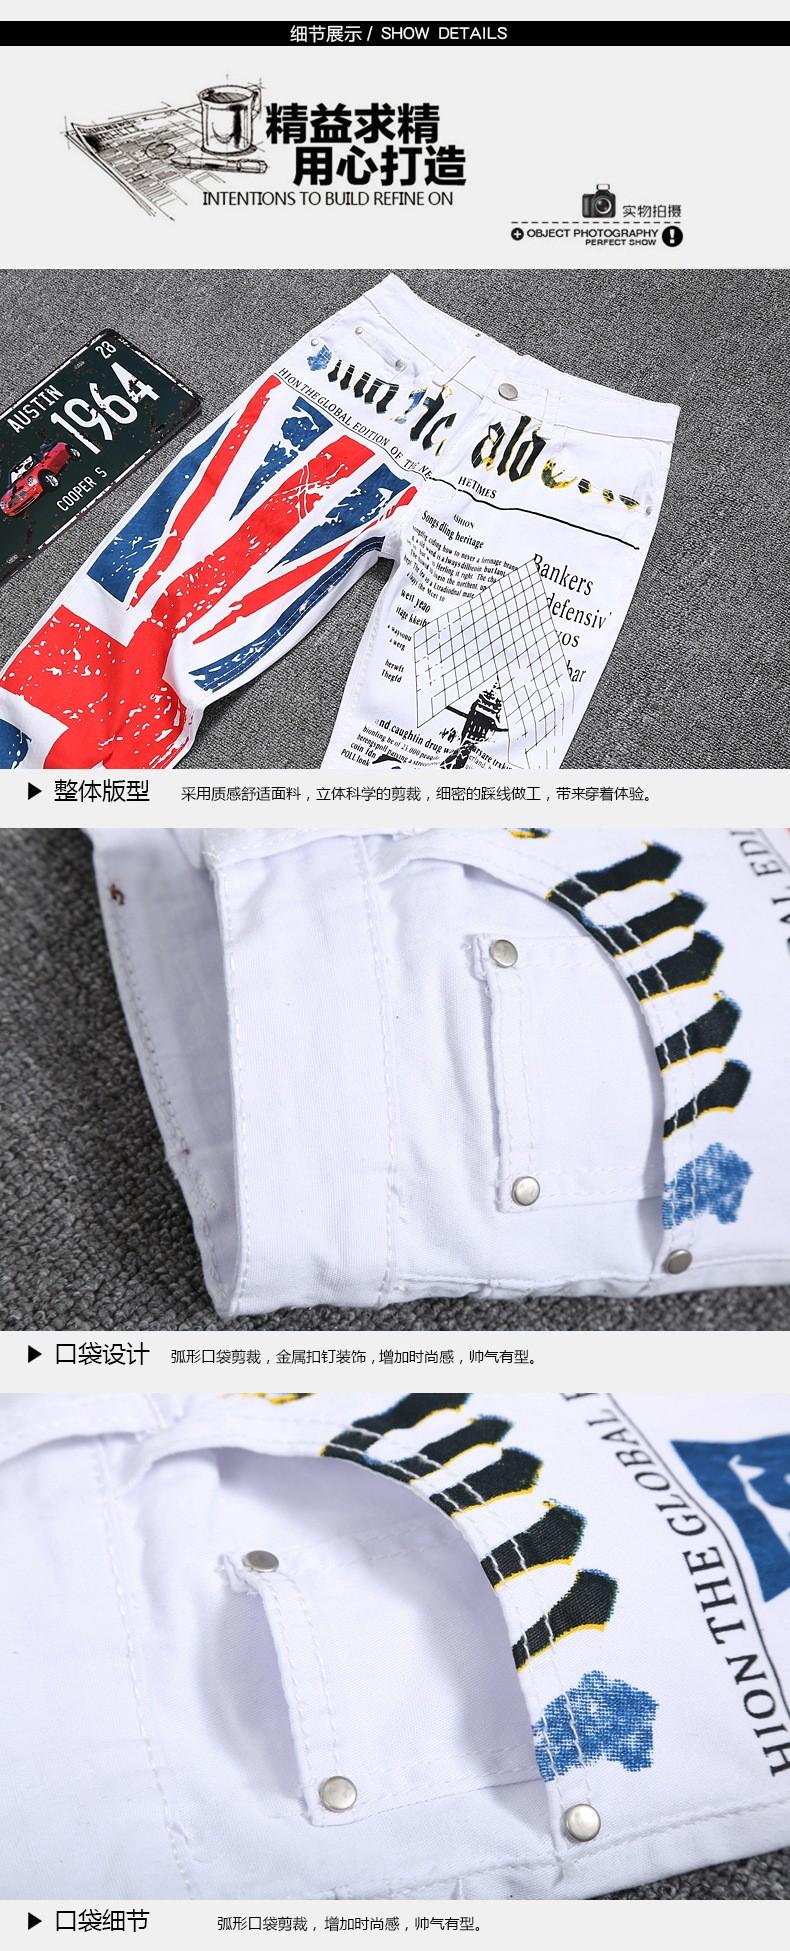 Скидки на 2016 новая мода повседневная белые джинсы мужской Британский флаг, эйфелева Башня в Париже, мода печатных мужские джинсы size28-42free доставка